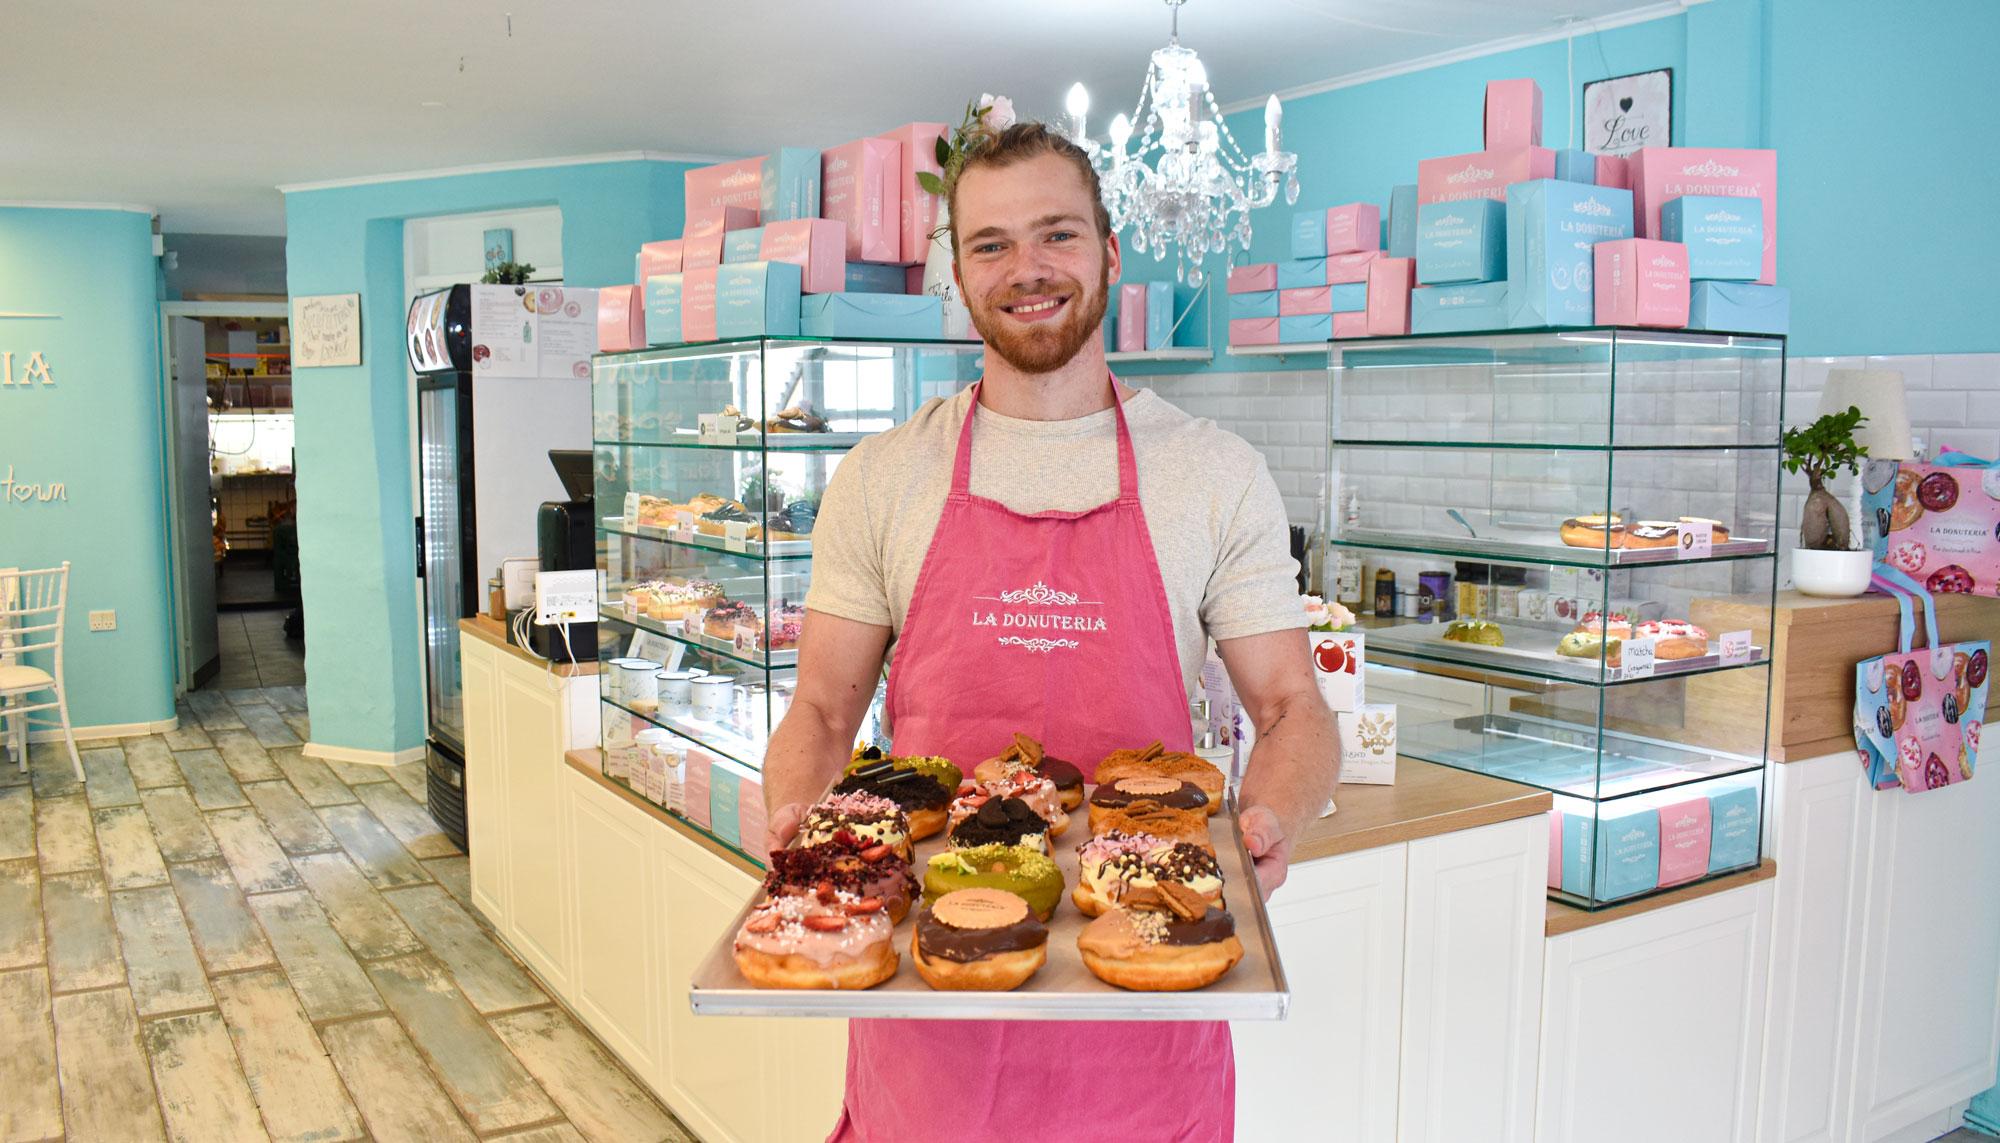 Hjemmebagte donuts til 10 kr: La Donuteria fejrer 1 års fødselsdag i Aalborg